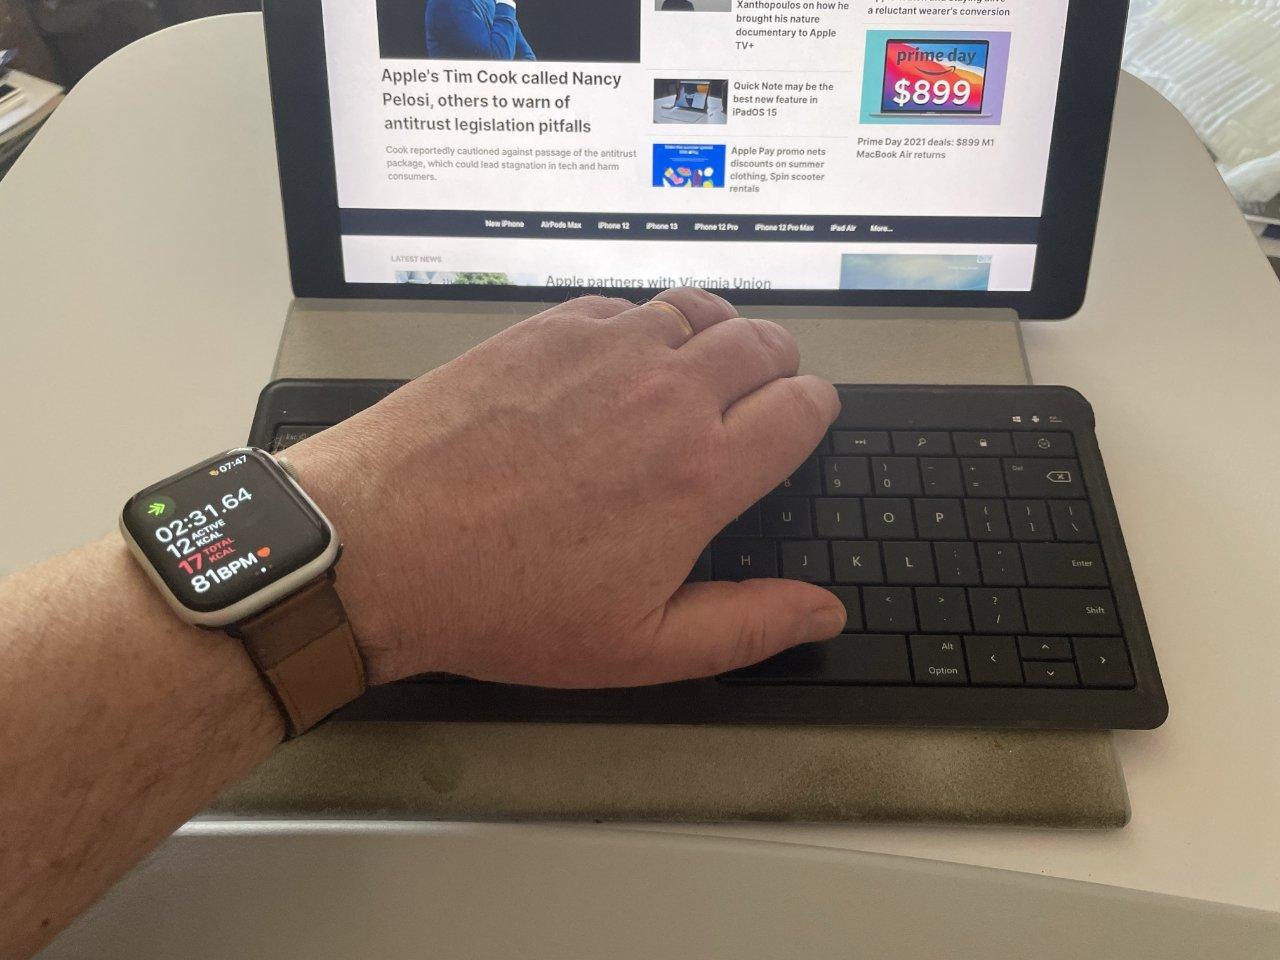 """Опциональный дополнительный рабочий стол небольшой, но достаточно большой для работы. Обратите внимание на упор для рук в основании стола и время моих исчерпывающих упражнений на Apple Watch """"height ="""" 960 """"loading ="""" lazy """"class ="""" img-responsive article-image """"/> </div> <p> <span class="""